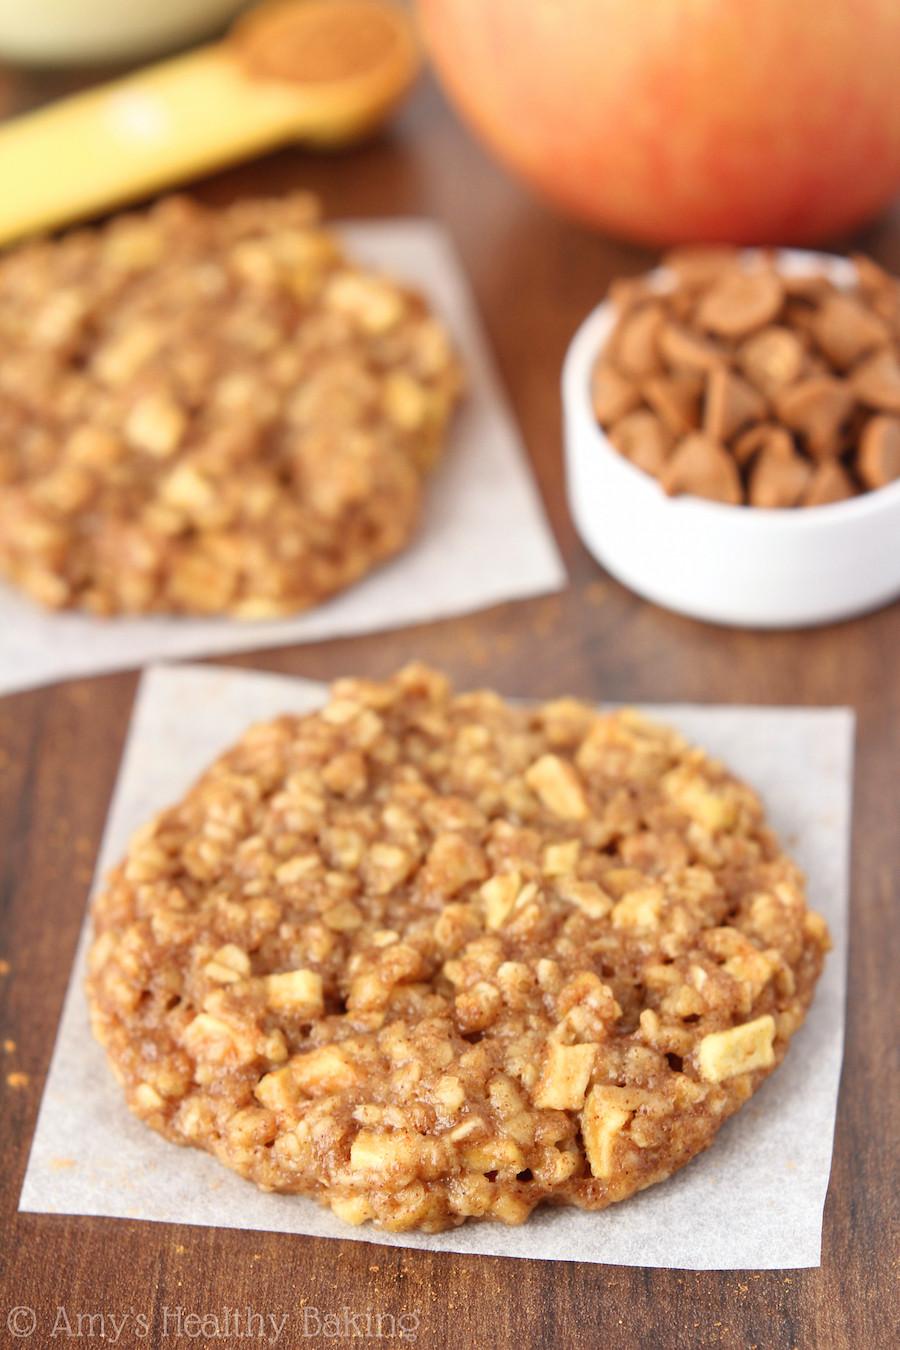 Healthy Apple Oatmeal Cookies  Apple Pie Oatmeal Cookies Recipe Video